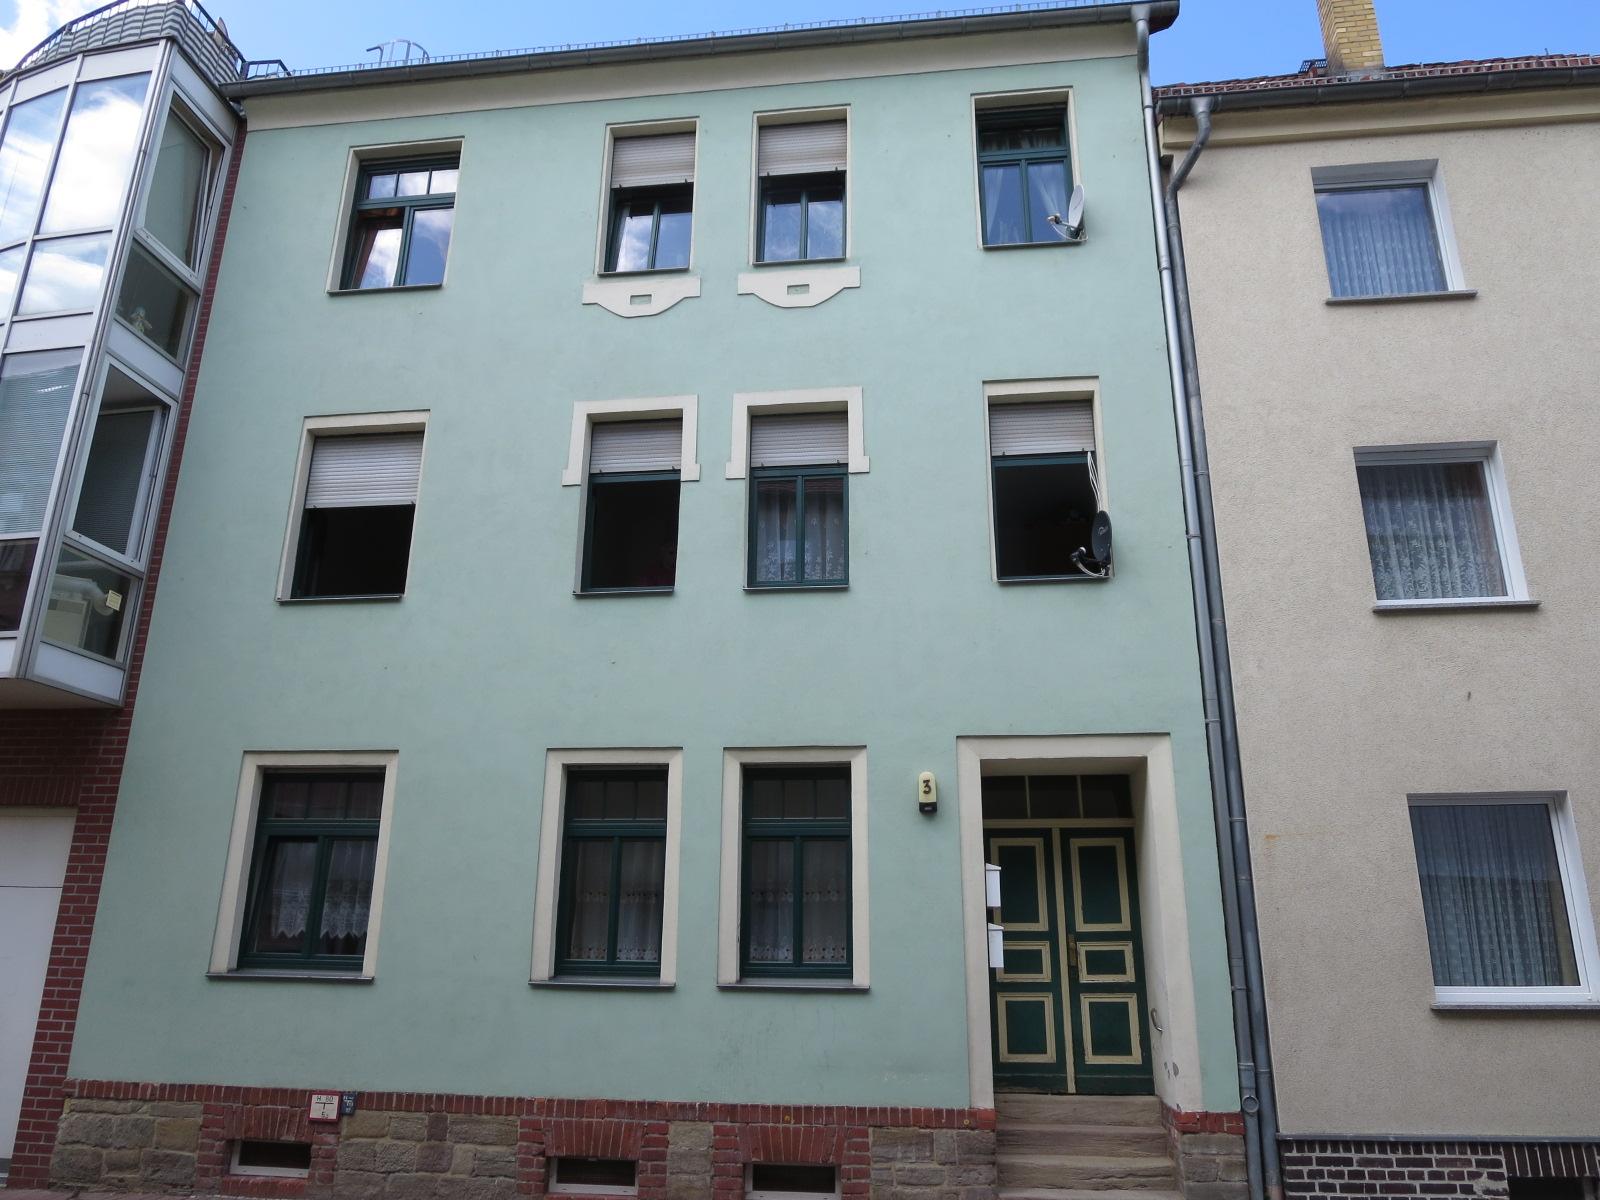 Verkauf eines Mehrfamilienhaus in Groitzsch.